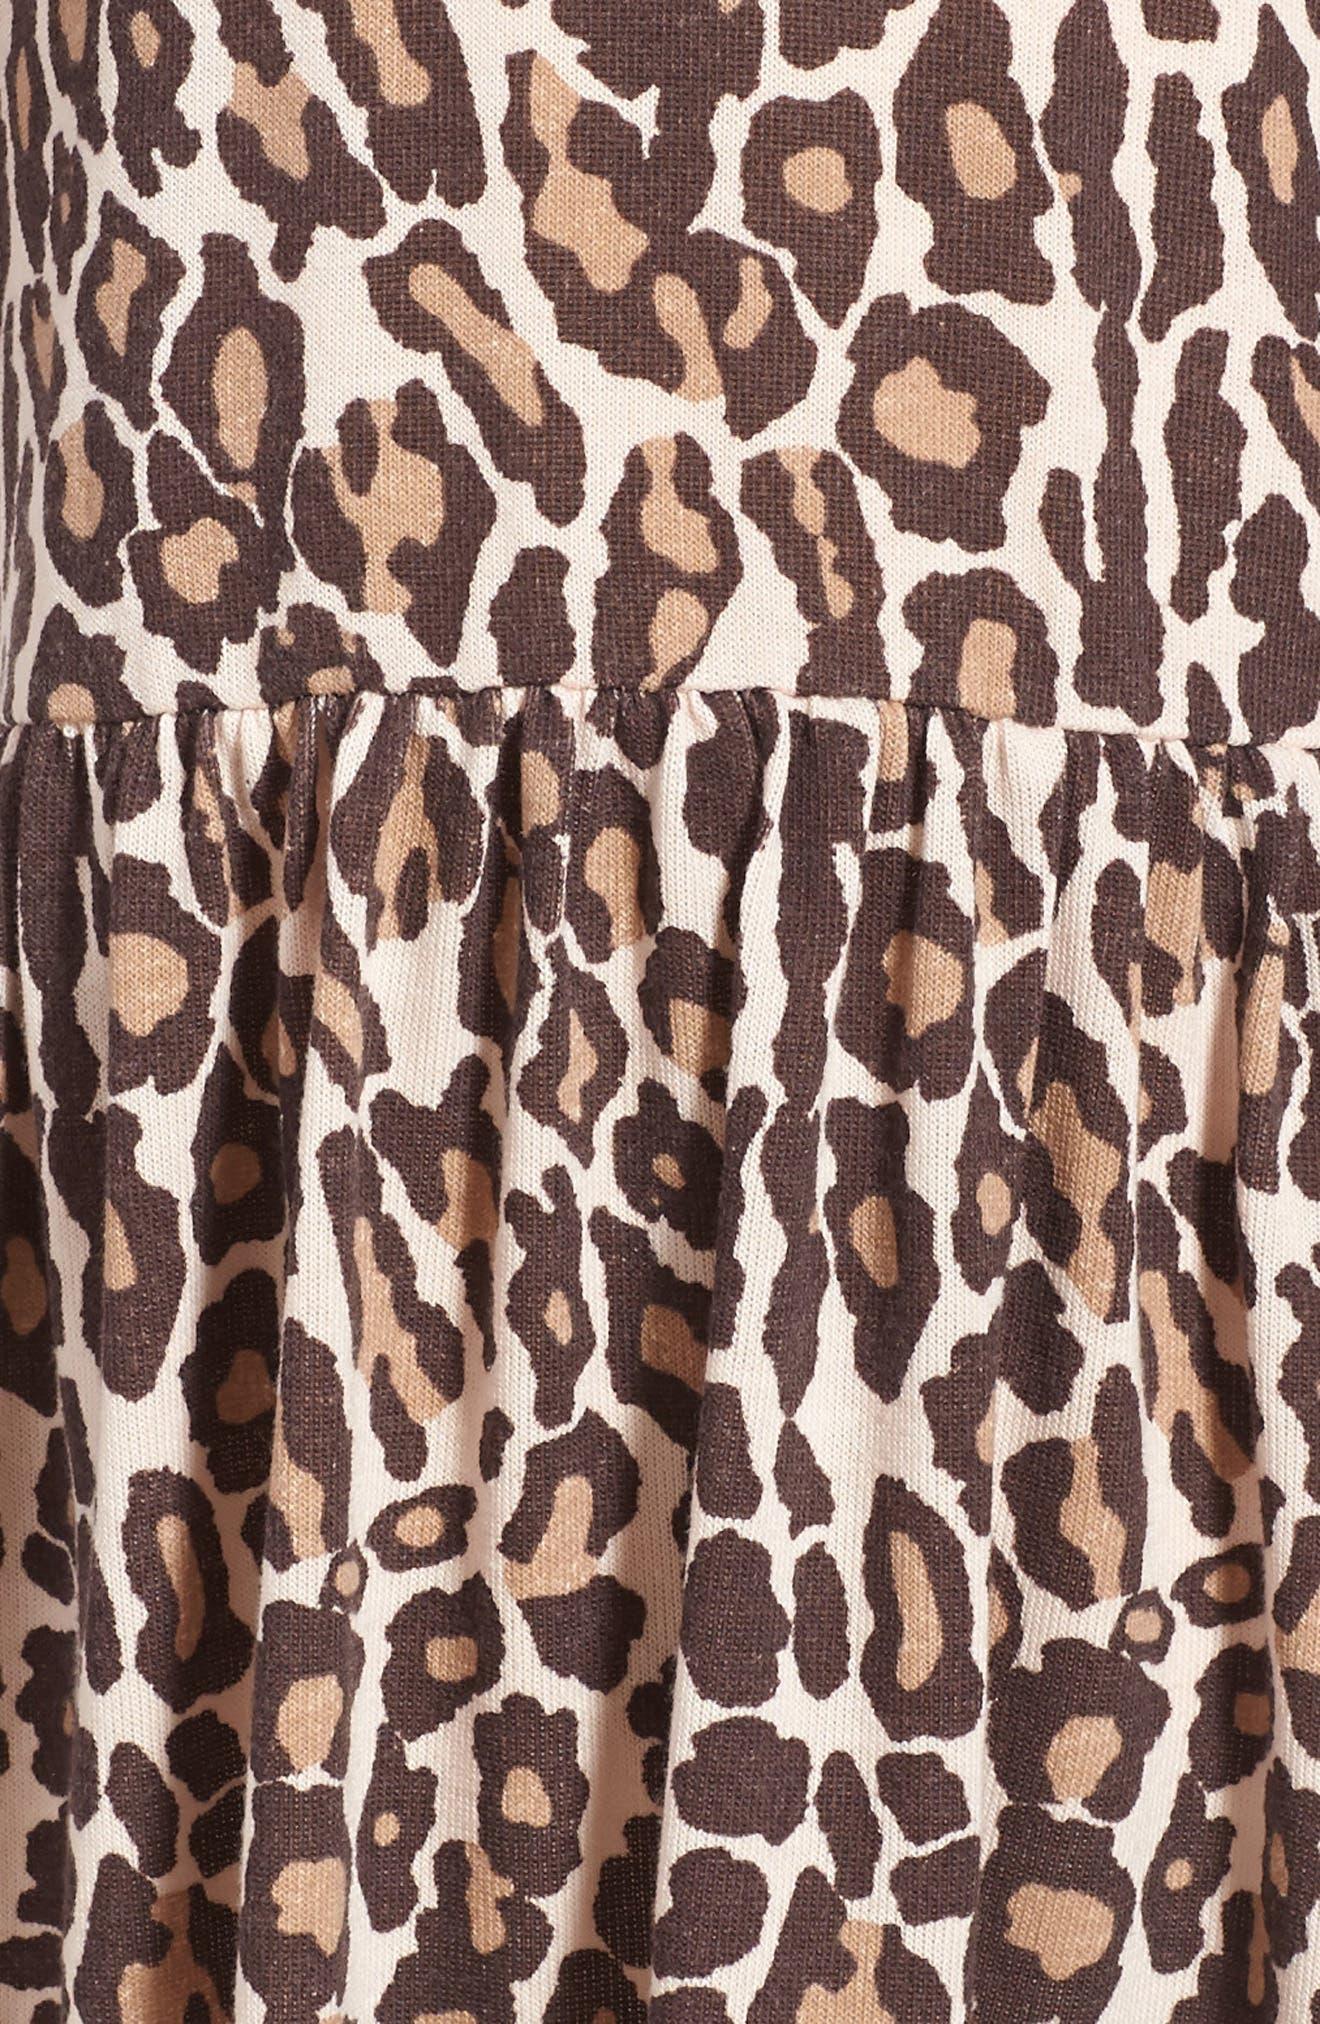 Alternate Image 3  - Splendid Animal Print Loose Knit Dress (Toddler Girls & Little Girls)